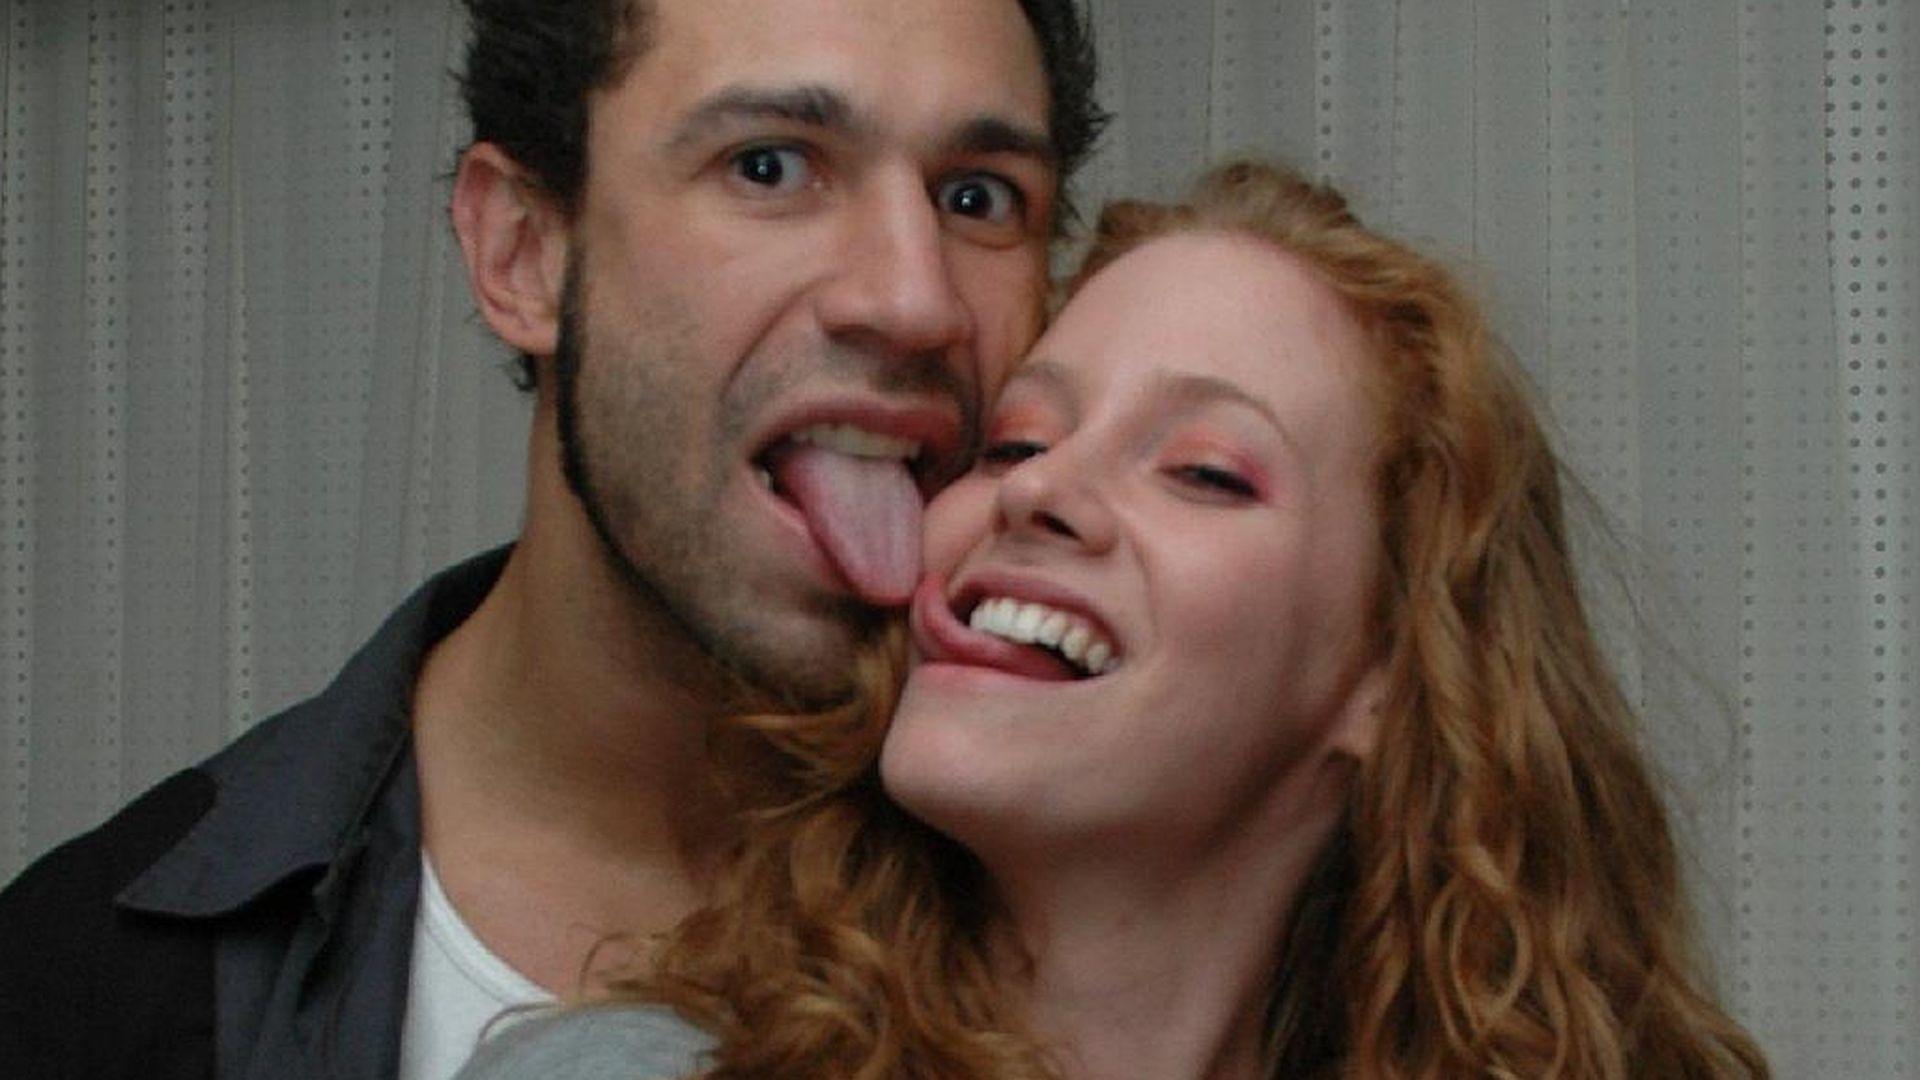 Trennung Liebes Aus Bei Evil Jared Und Vl Star Promiflashde